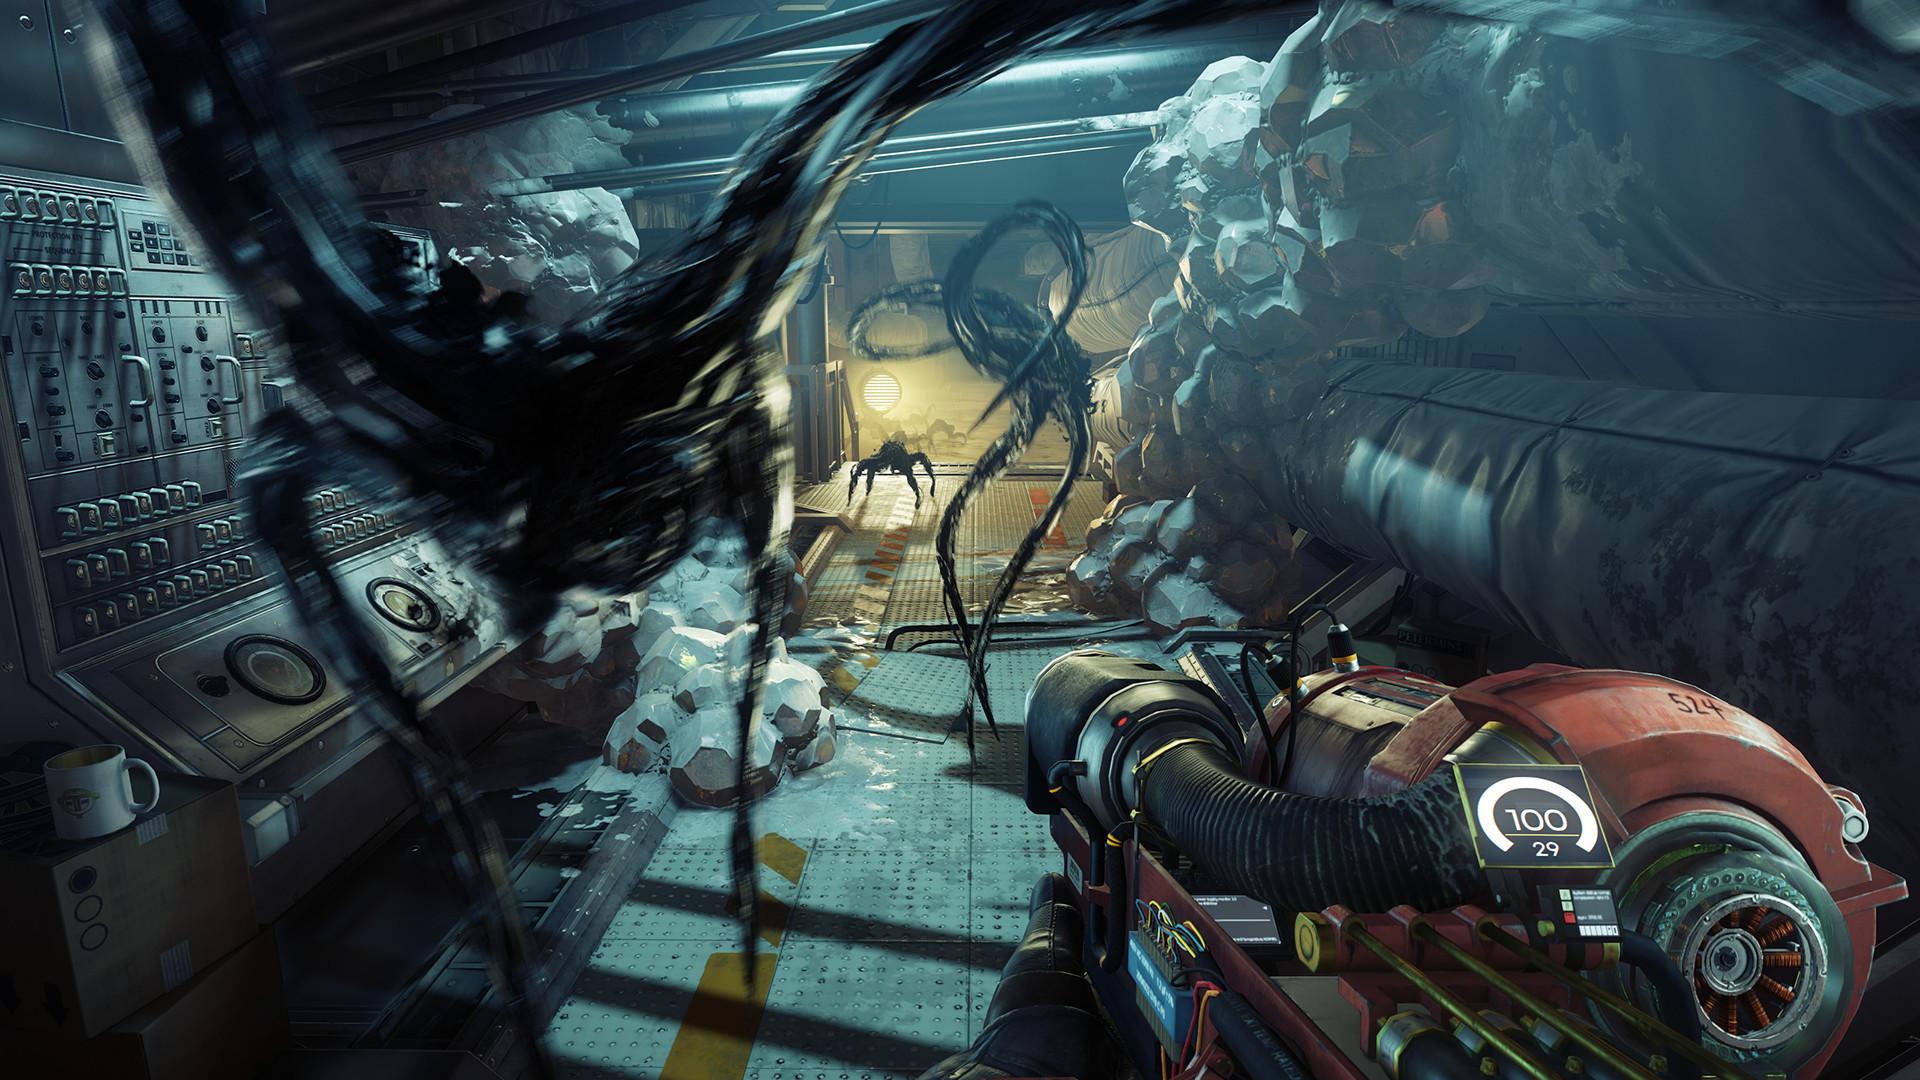 《掠食》宣传视频:塔洛斯一号的游览引导.jpg